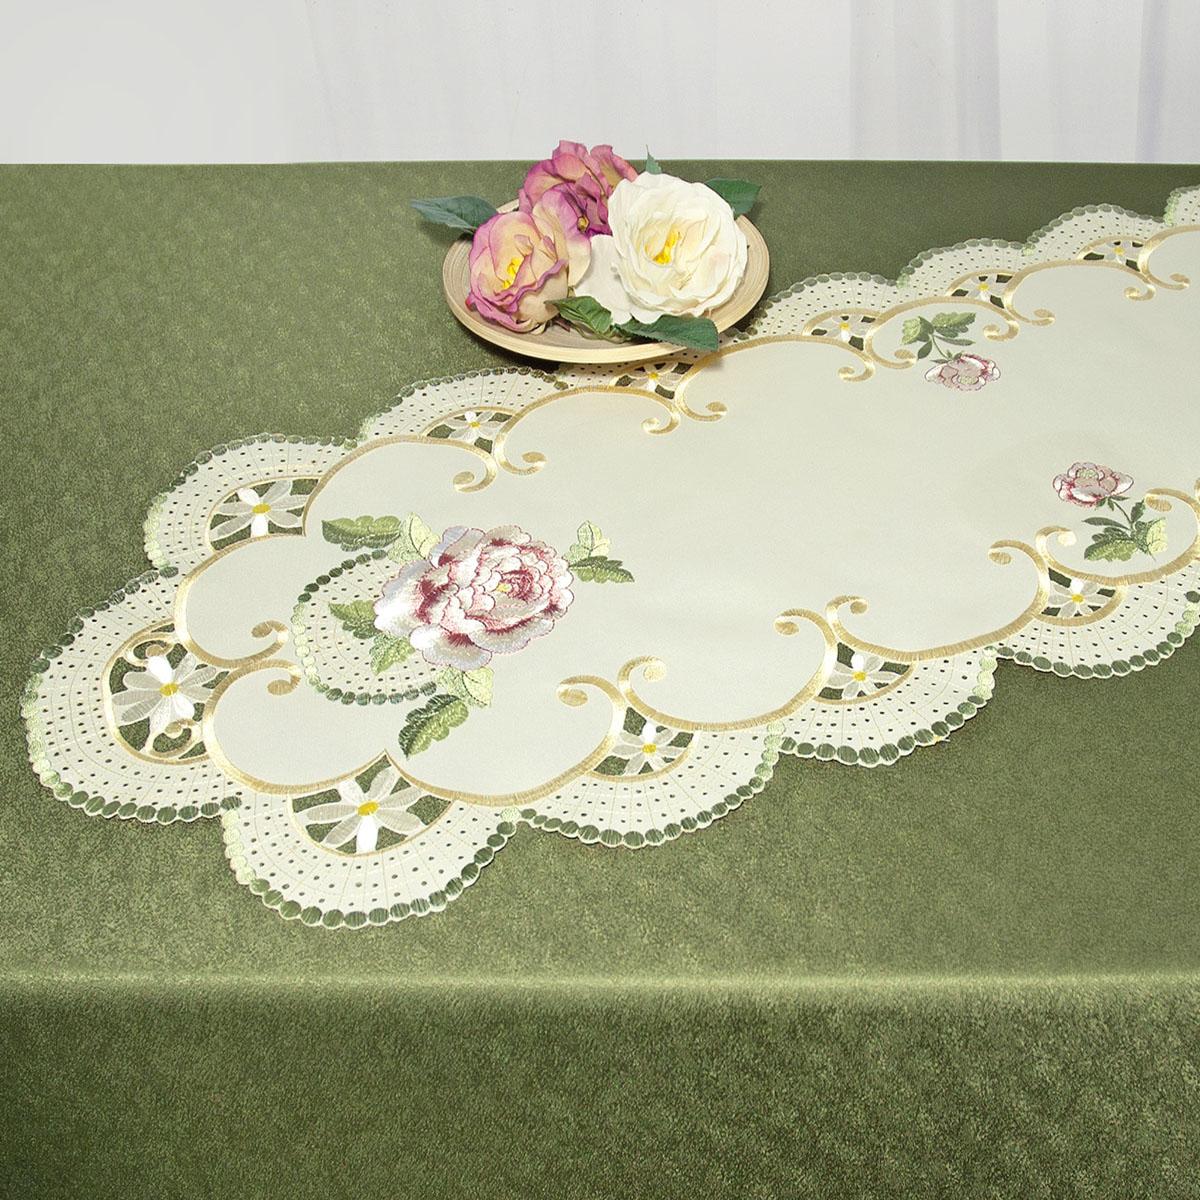 Дорожка для декорирования стола Schaefer, овальная, цвет: бежевый, зеленый, 40 x 110 см 07484-233